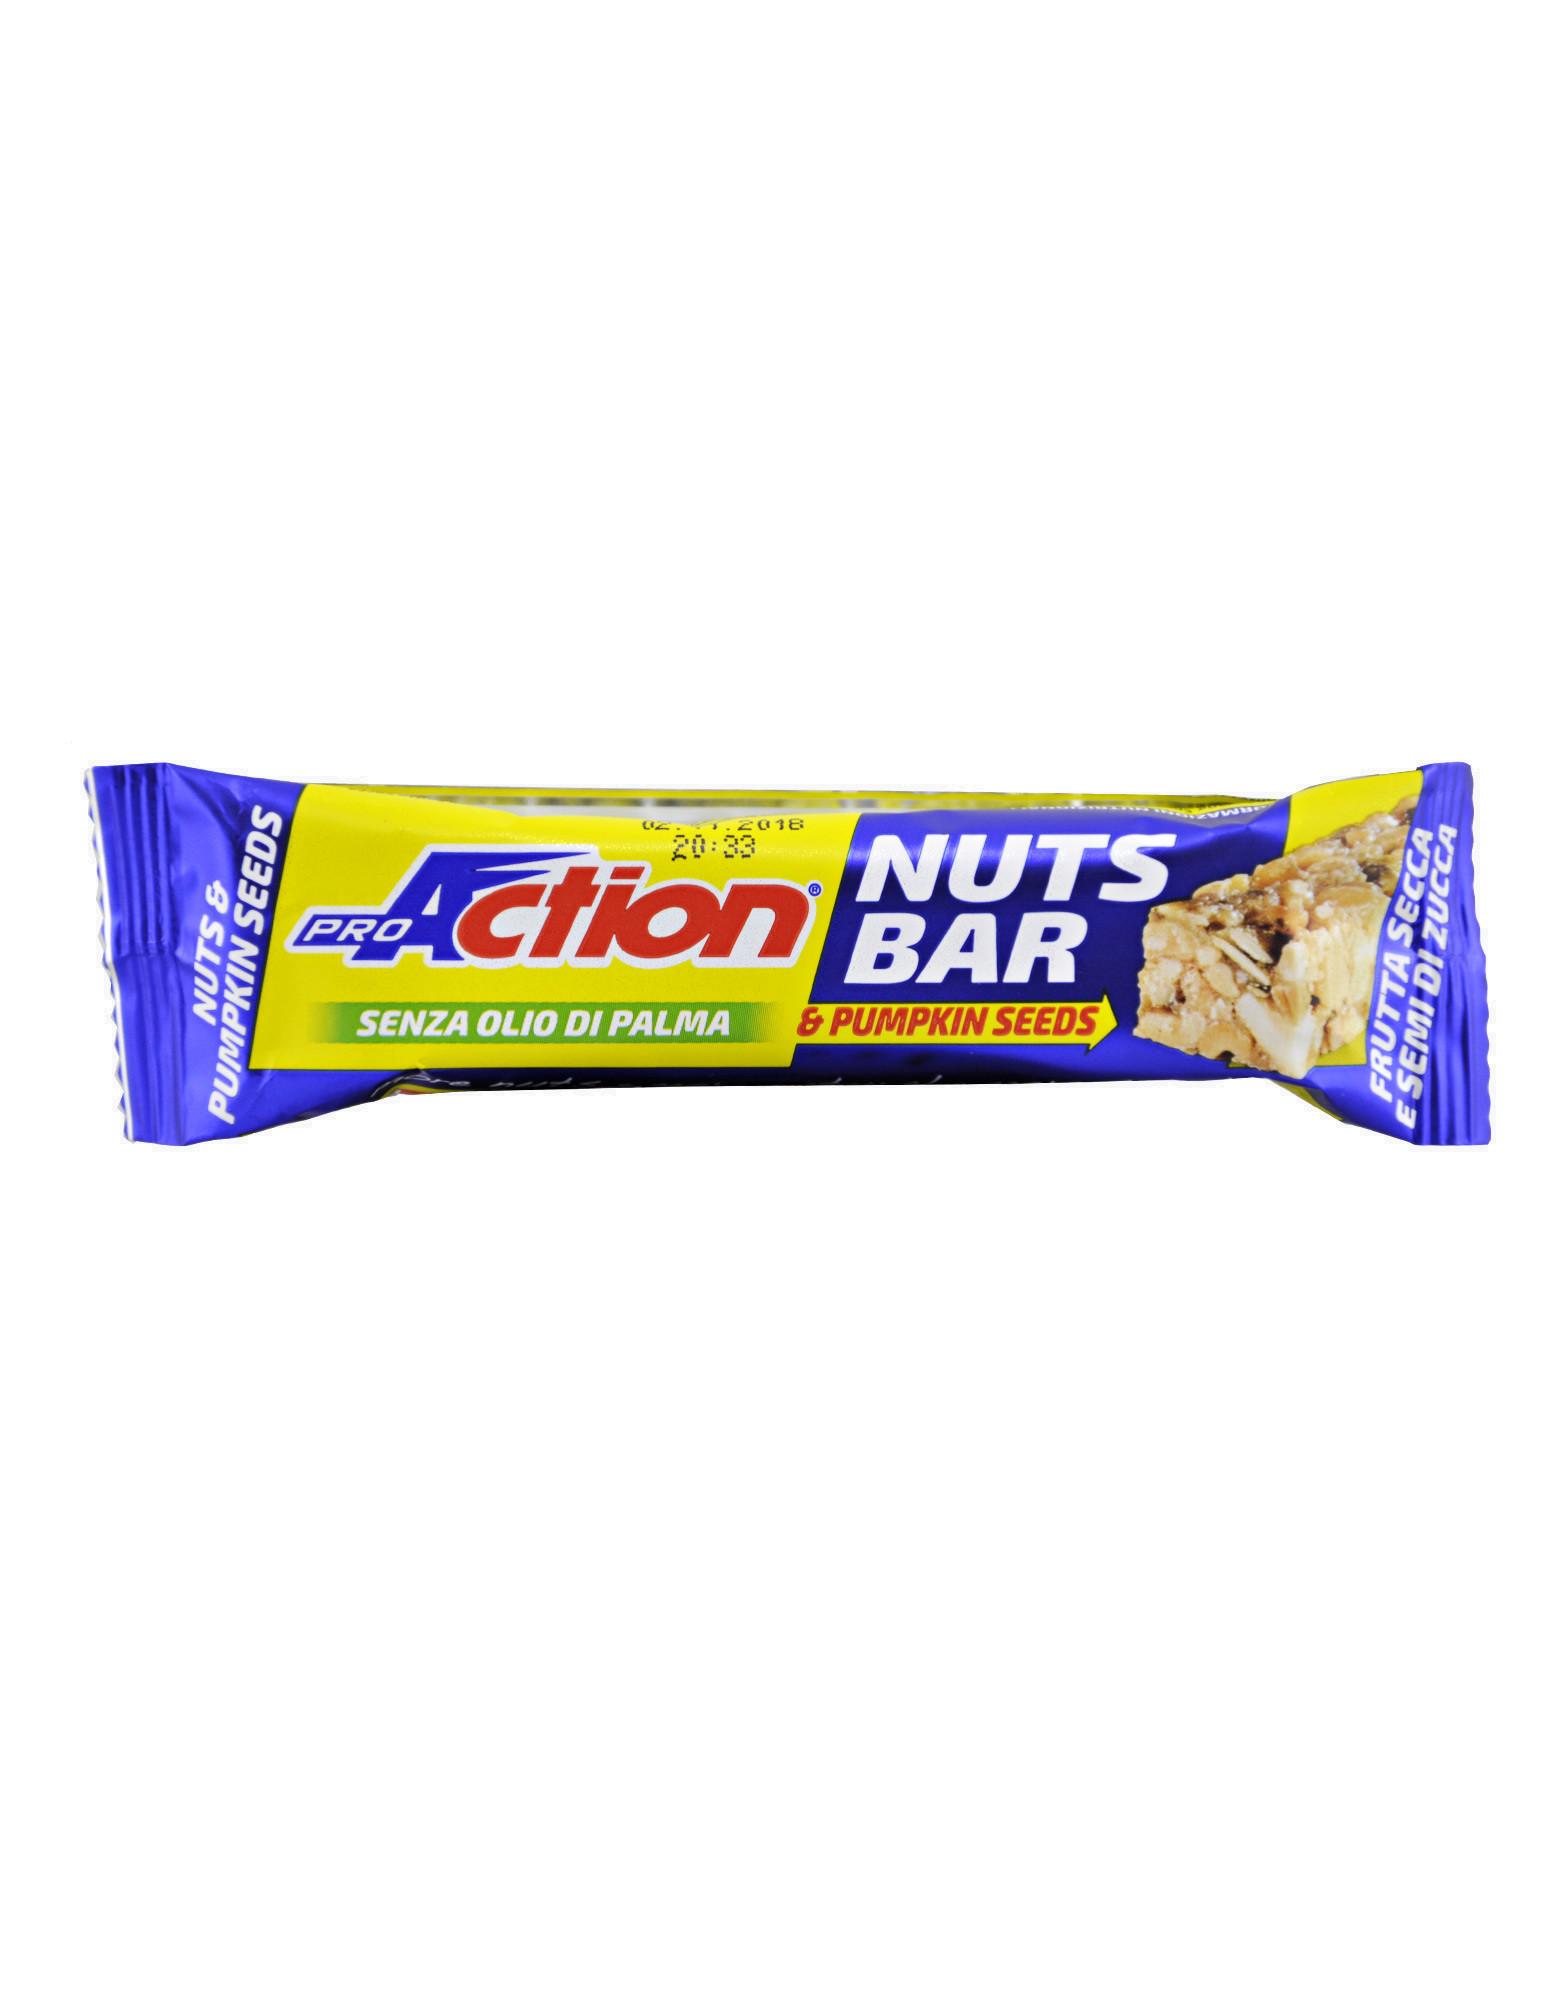 Nuts Bar von PROACTION (1 riegel von 30 gramm) € 1,20